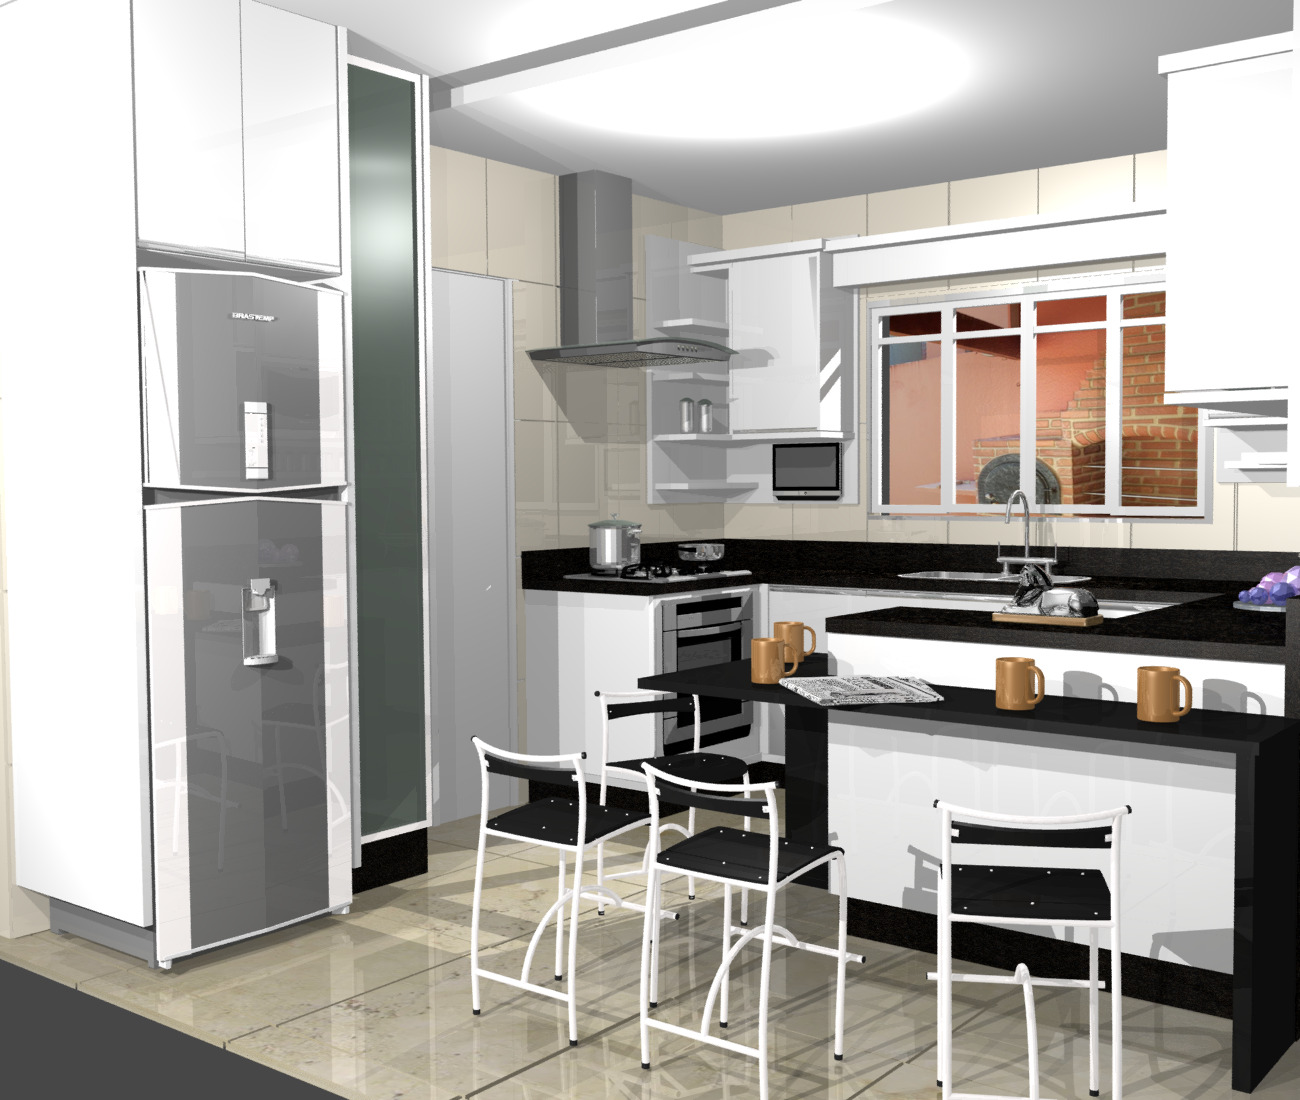 para cozinhas pias para cozinhas revestimento para cozinhas cozinhas #935738 1300 1100